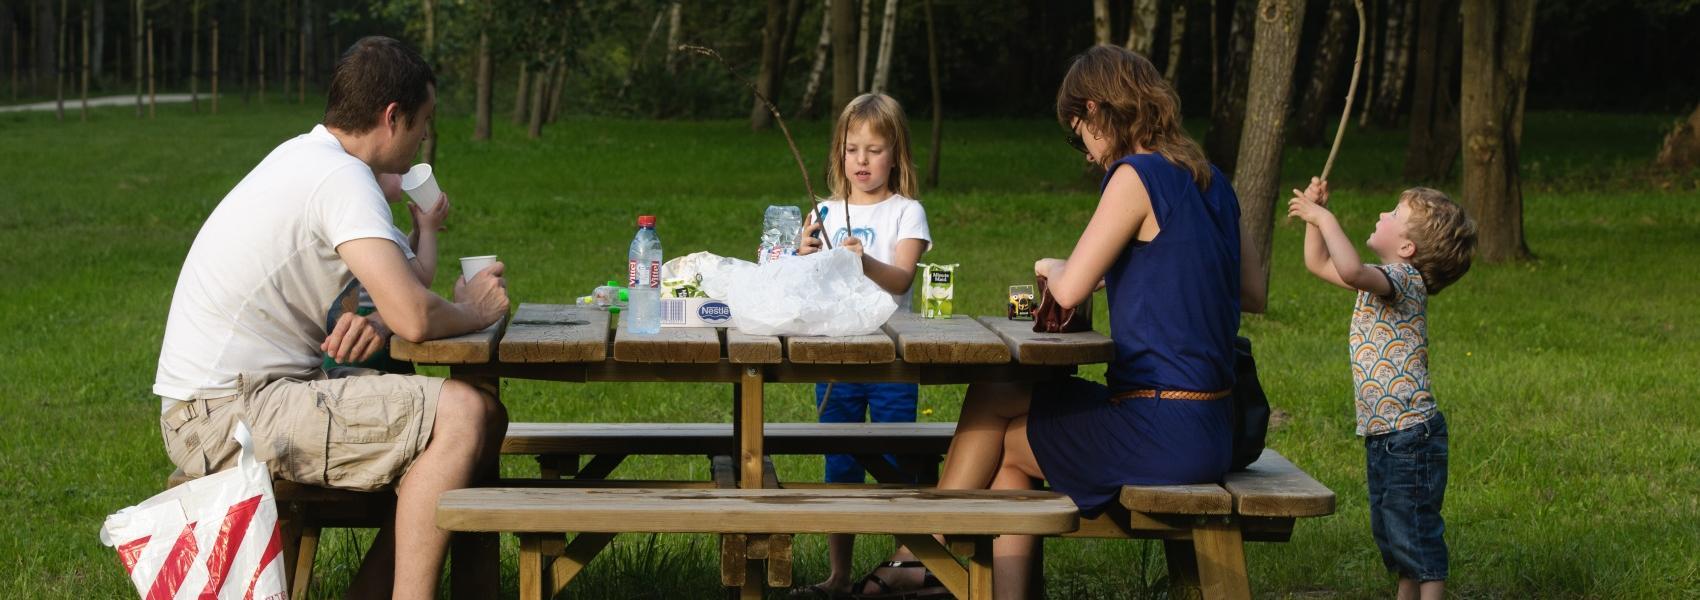 gezin op picknickbank